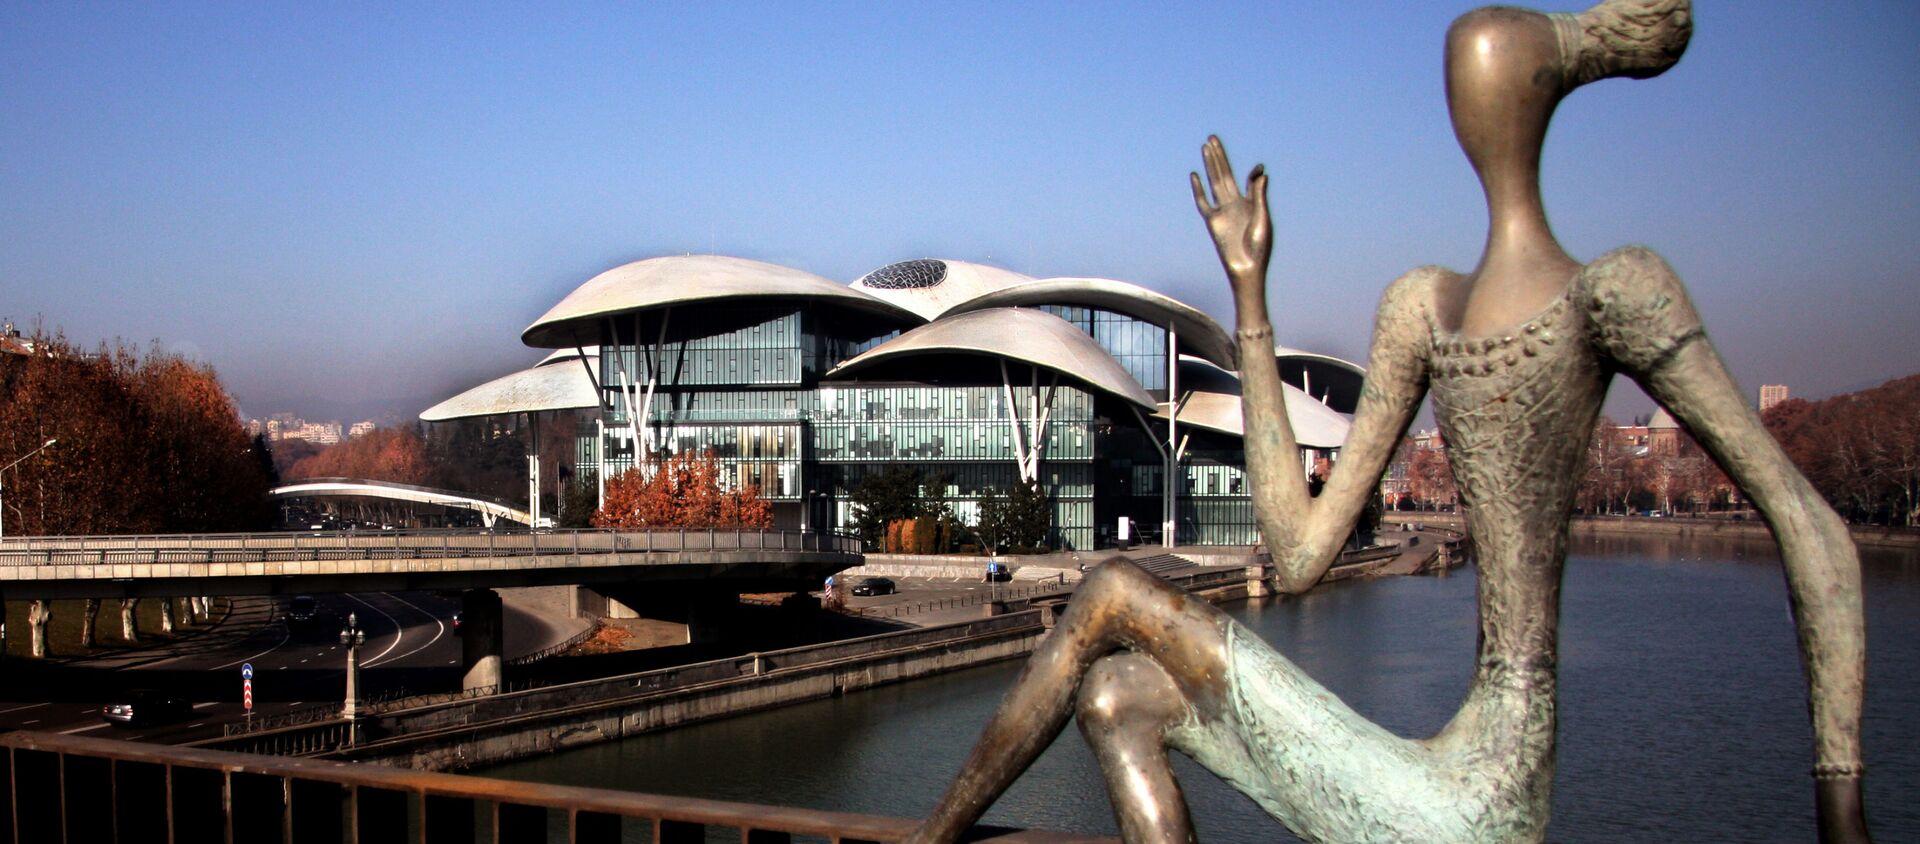 Тбилисские купола - Дом Юстиции и скультуры на мосту Бараташвили - Sputnik Грузия, 1920, 04.05.2021